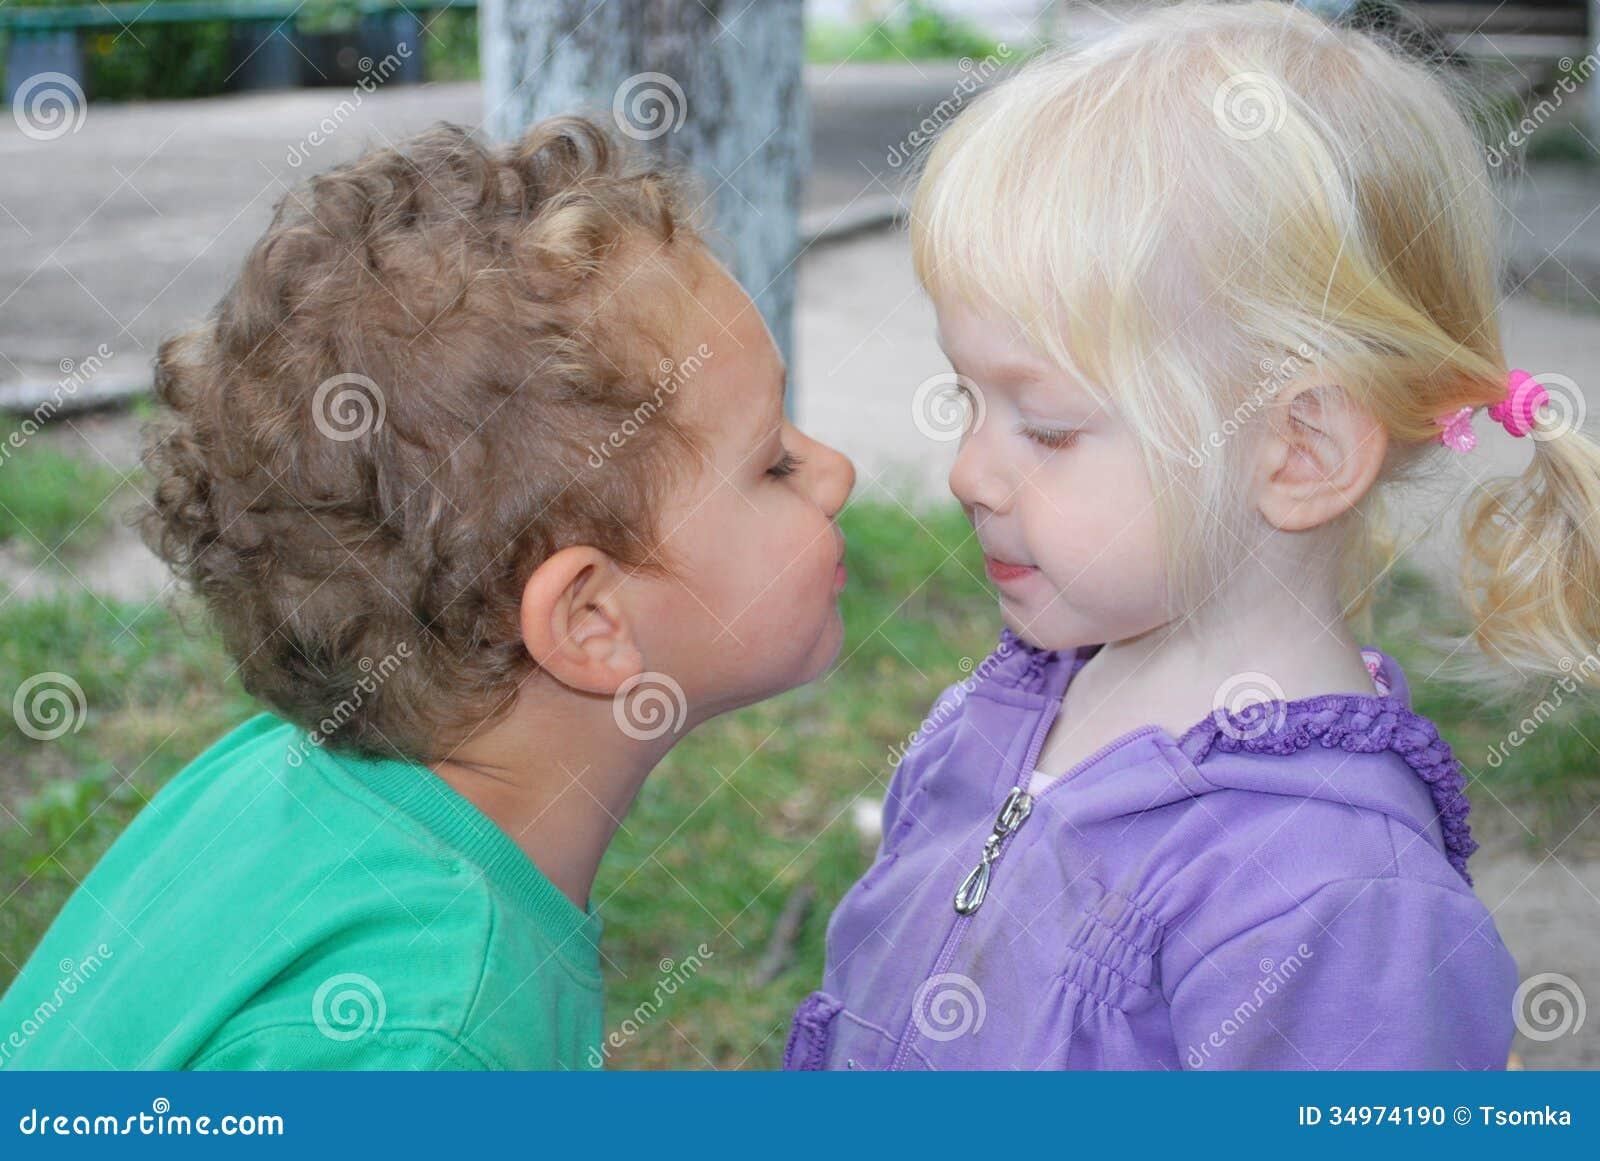 小女孩要亲吻男孩 库存照片